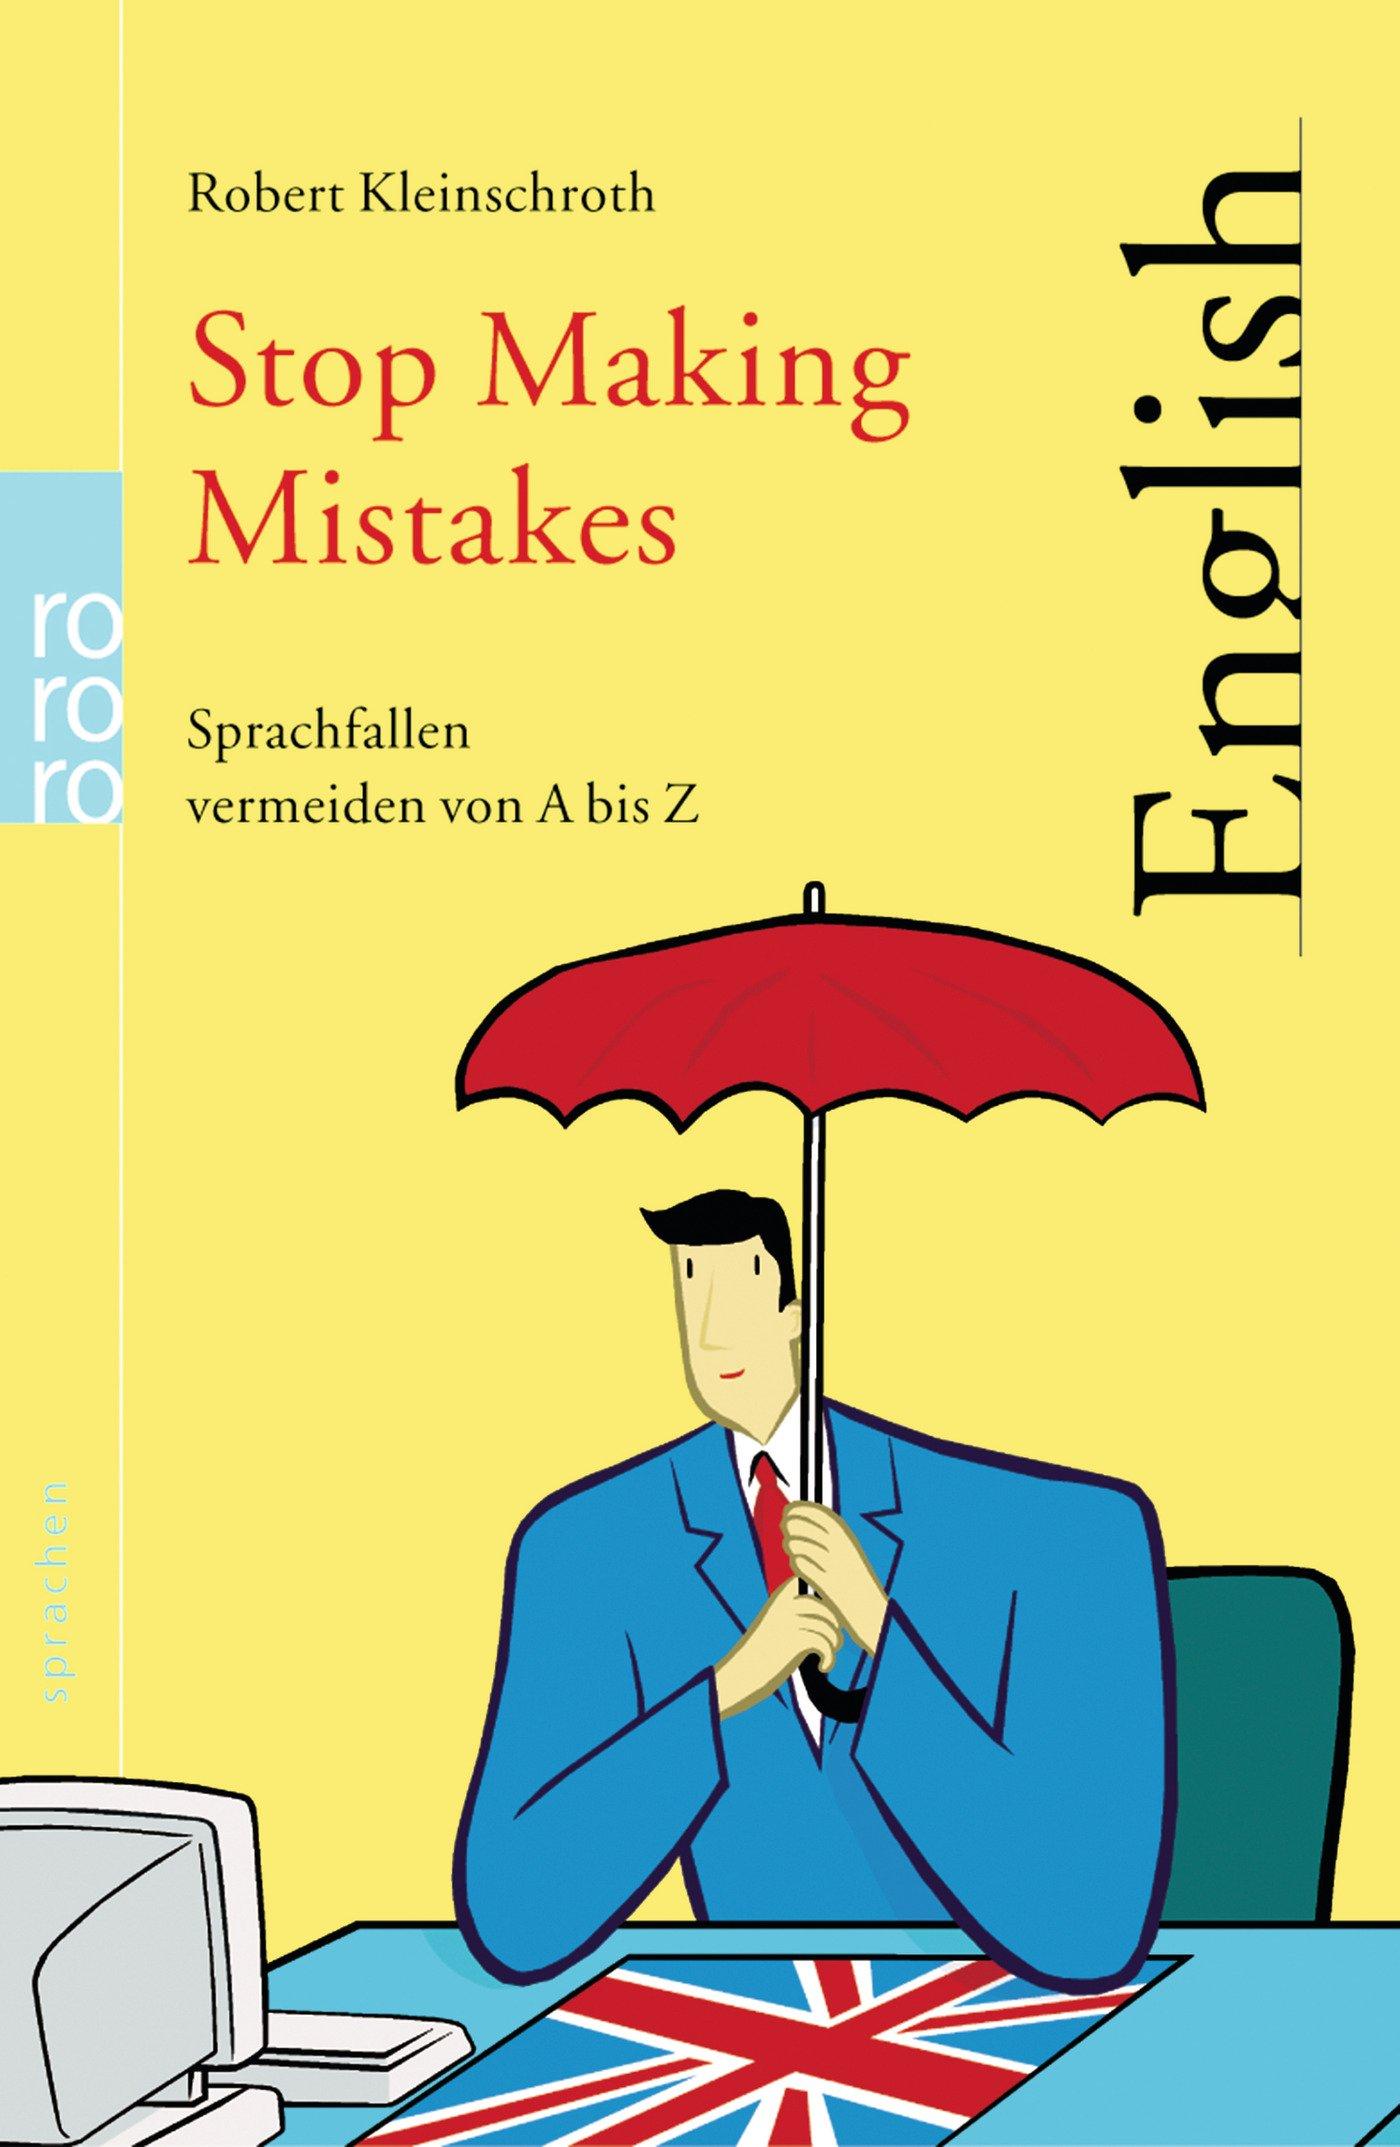 Stop Making Mistakes: Sprachfallen vermeiden von A bis Z